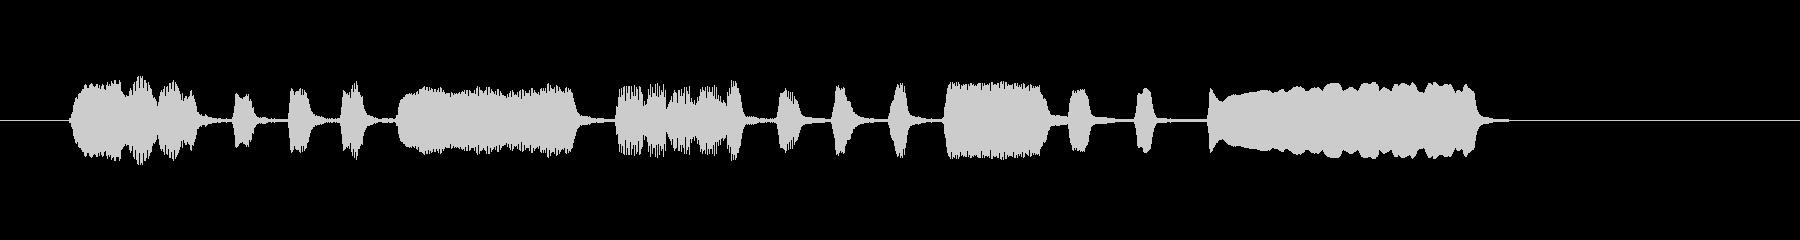 ほのぼの、とぼけた雰囲気に便利な短い曲の未再生の波形